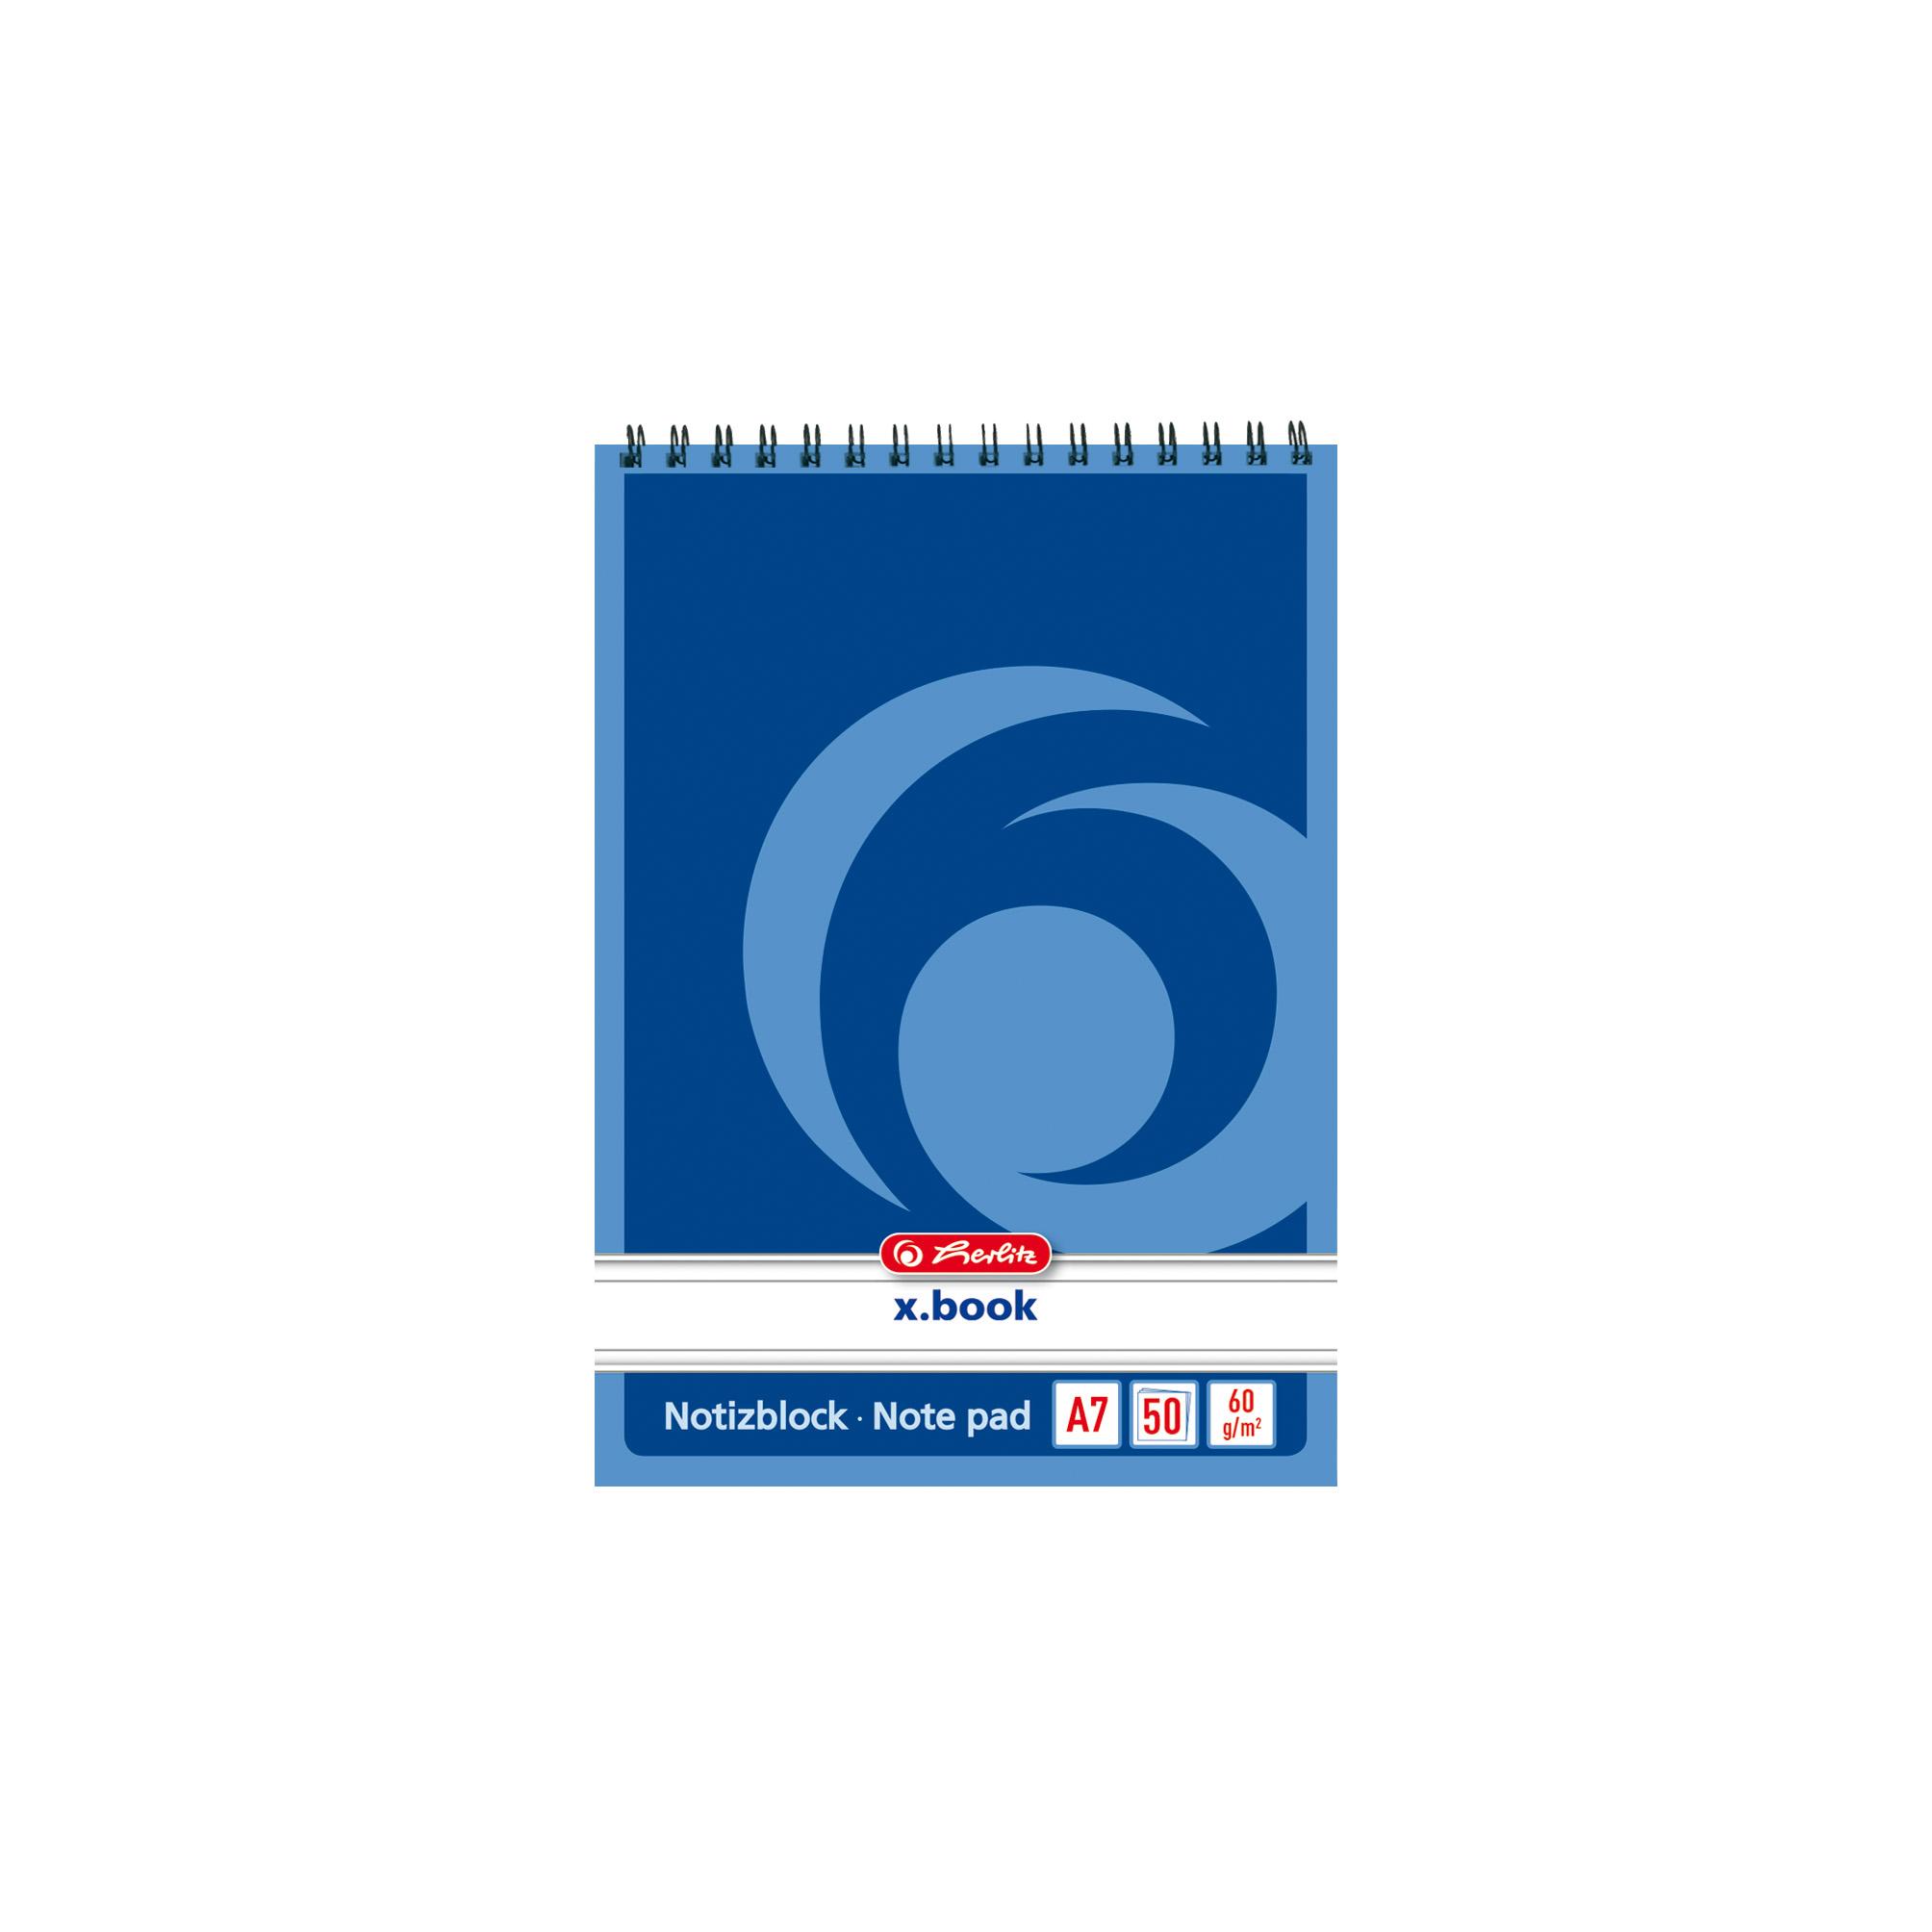 10x Herlitz Spiral Notizblock Schreibblock Din A7 Liniert Ebay